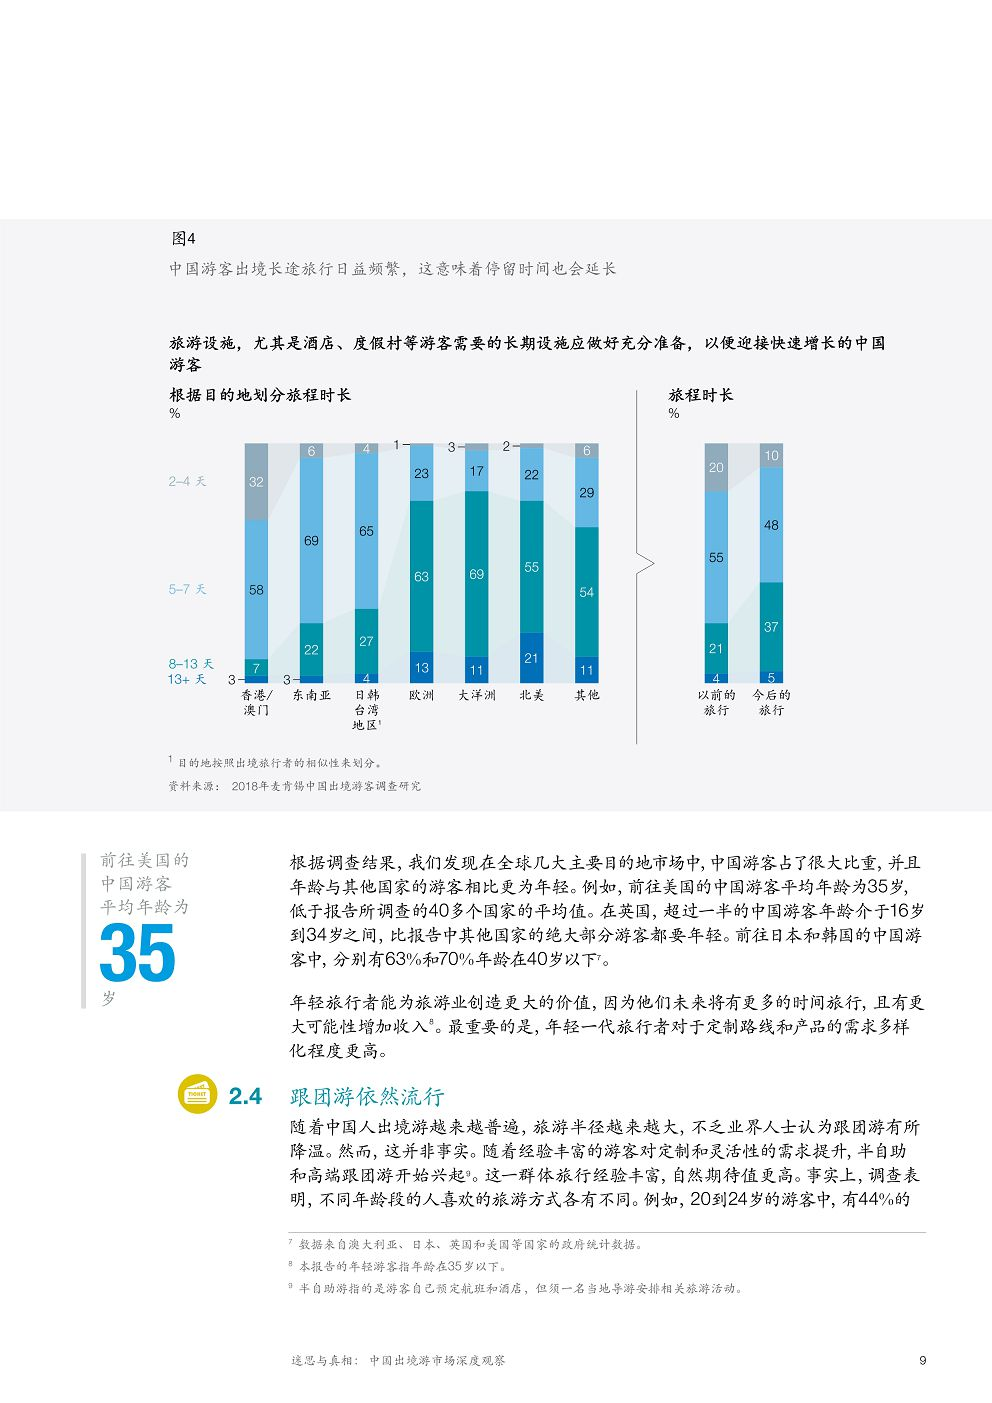 McK_China-tourism-report-2018_CN_13